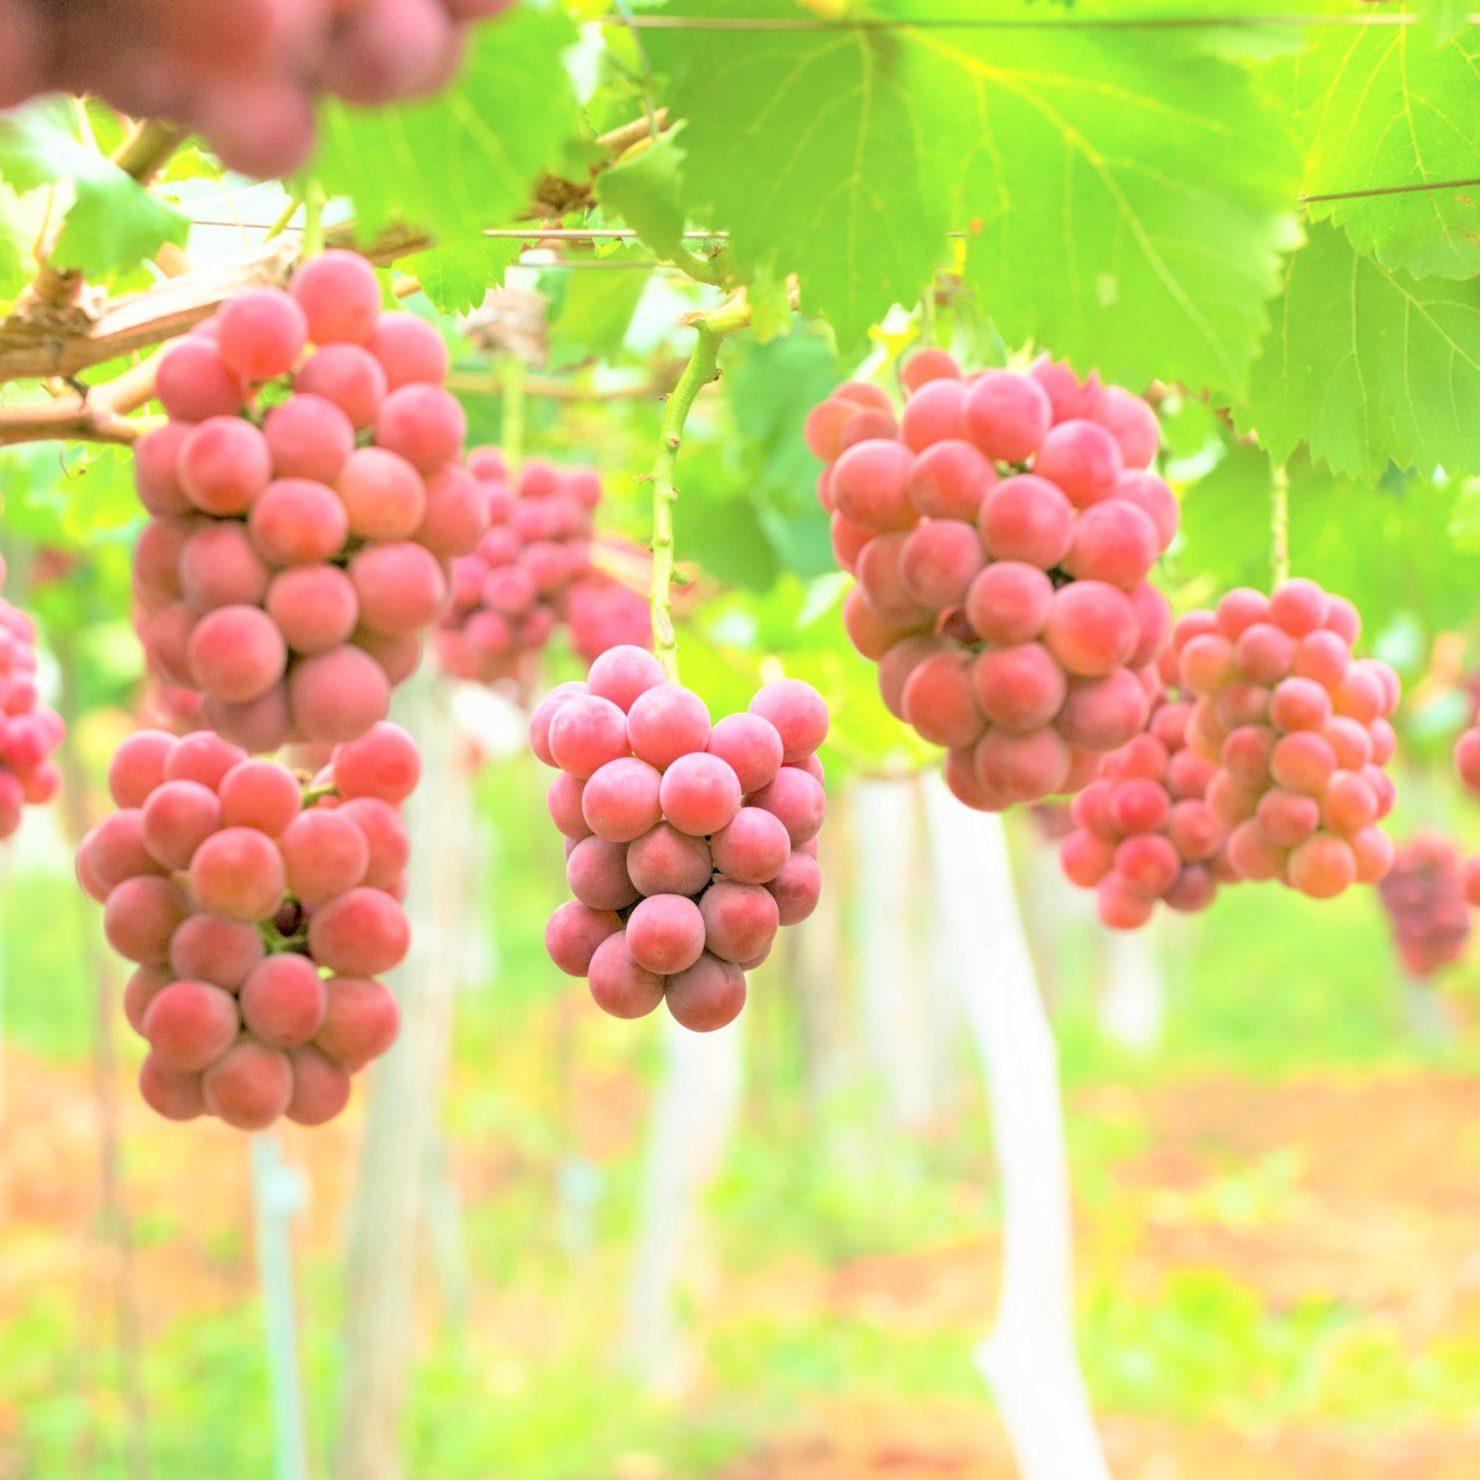 ぶどう栽培における最適な肥料とは